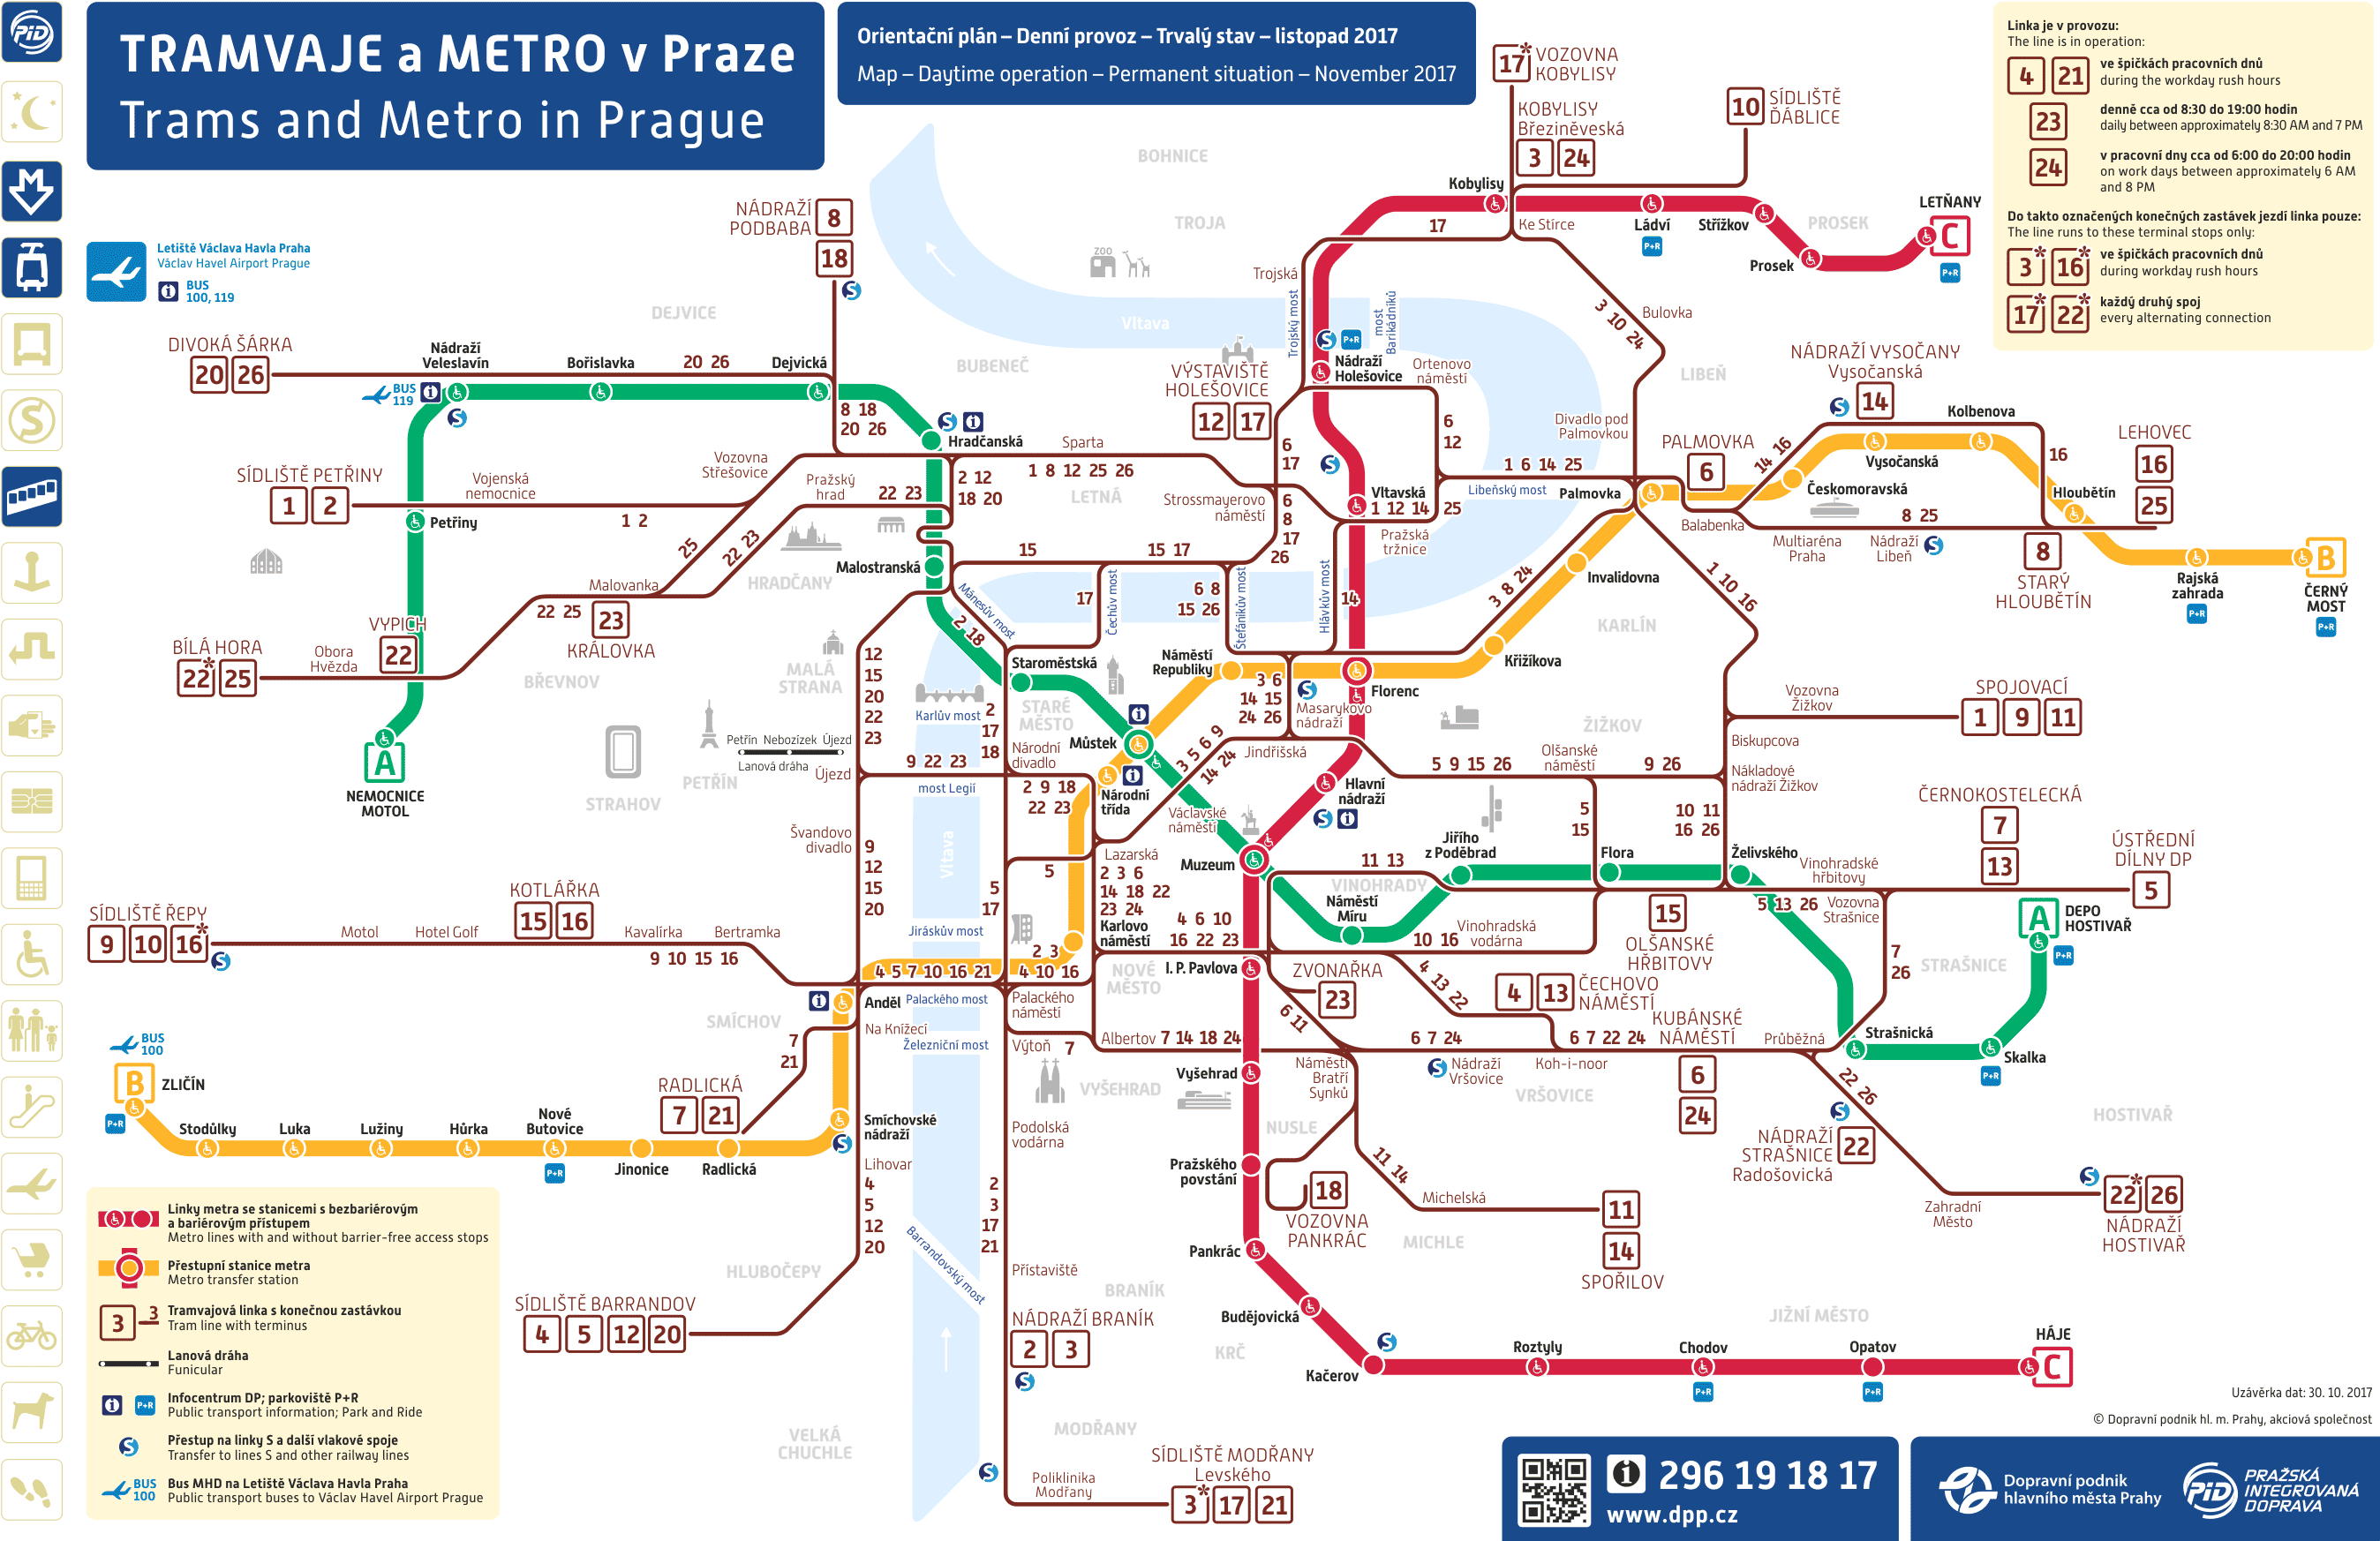 Схема трамваев и подземки в Праге